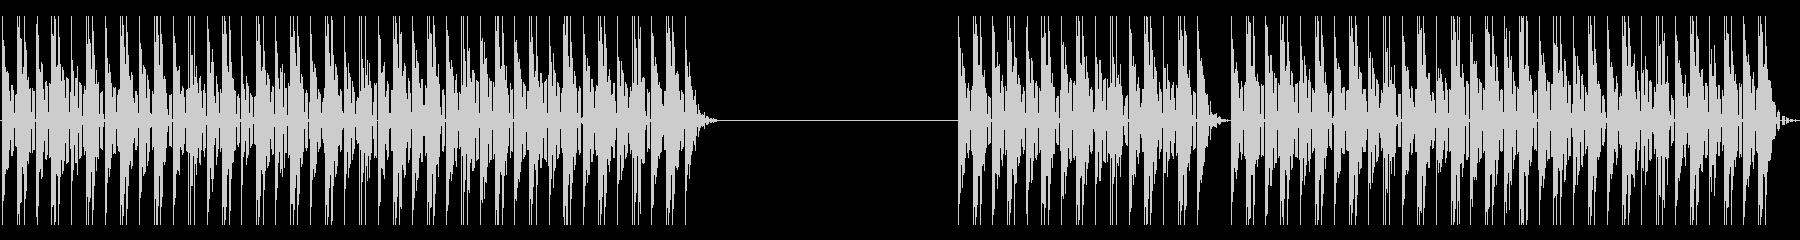 80年代のシンセポップ。遅い催眠大...の未再生の波形